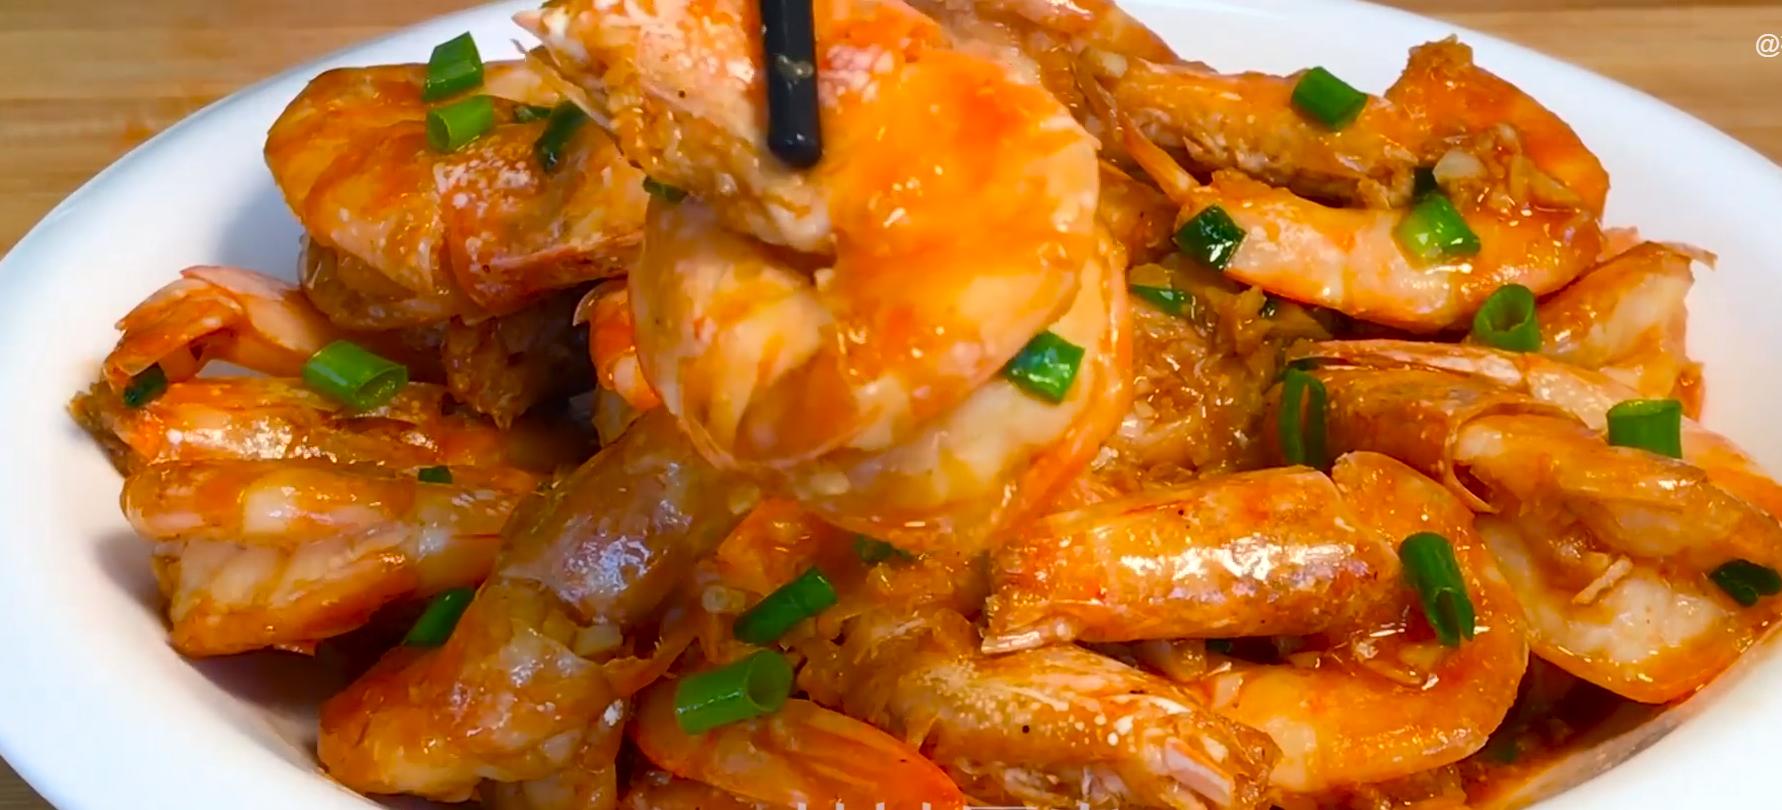 做大虾时,不要直接用水煮,教你正确做法,虾肉鲜嫩入味超好吃 美食做法 第15张